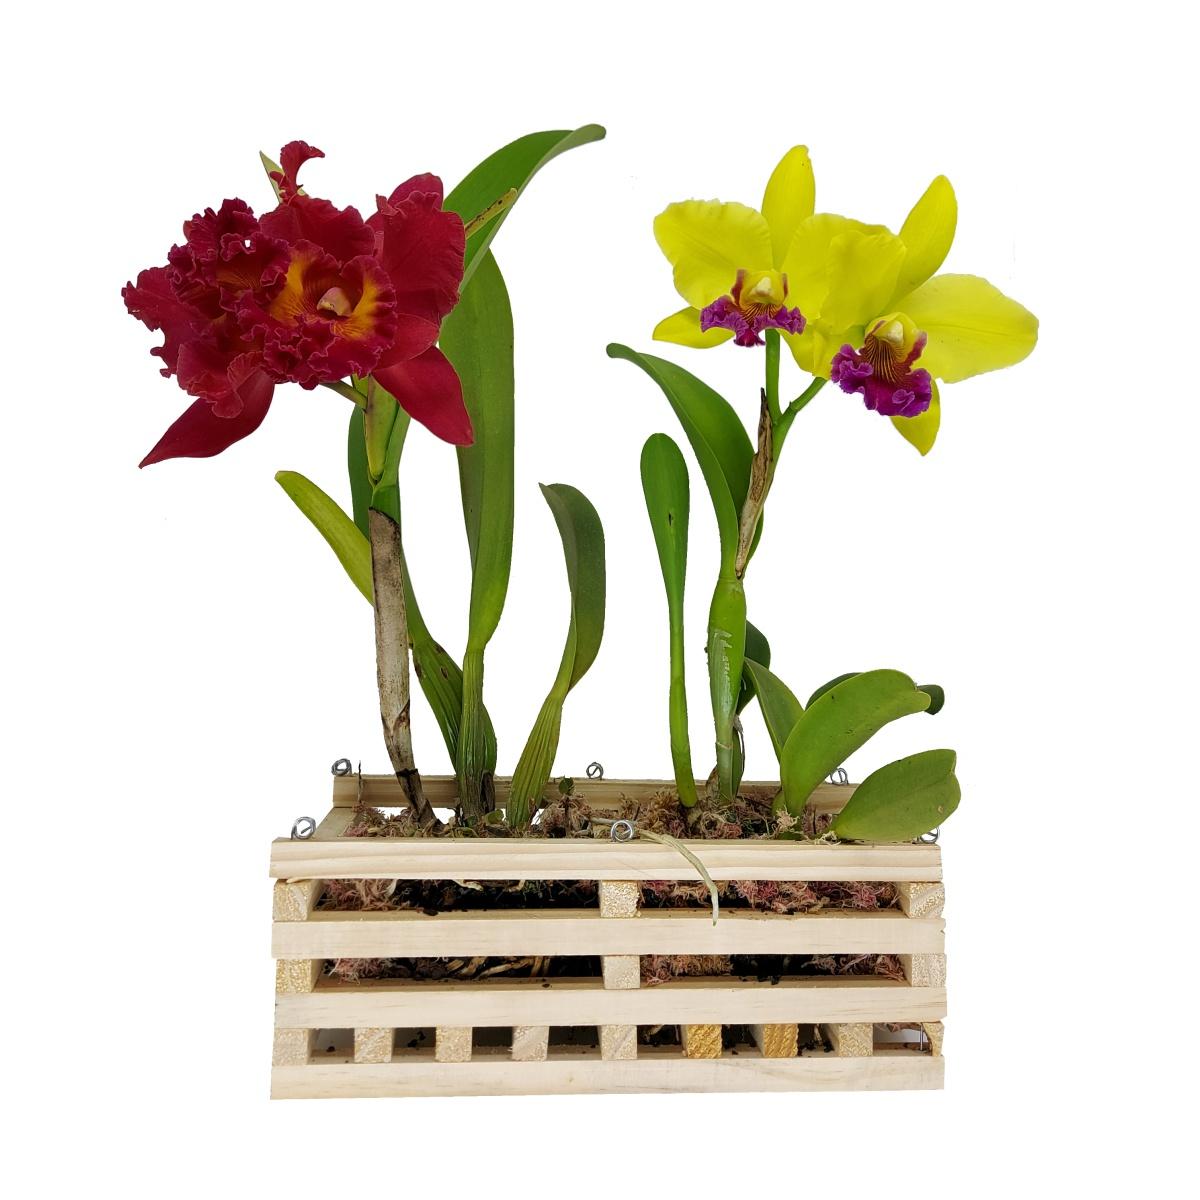 Cachepô Duplo para Orquídeas Retangular 30cm x 13cm em Madeira de Pinus